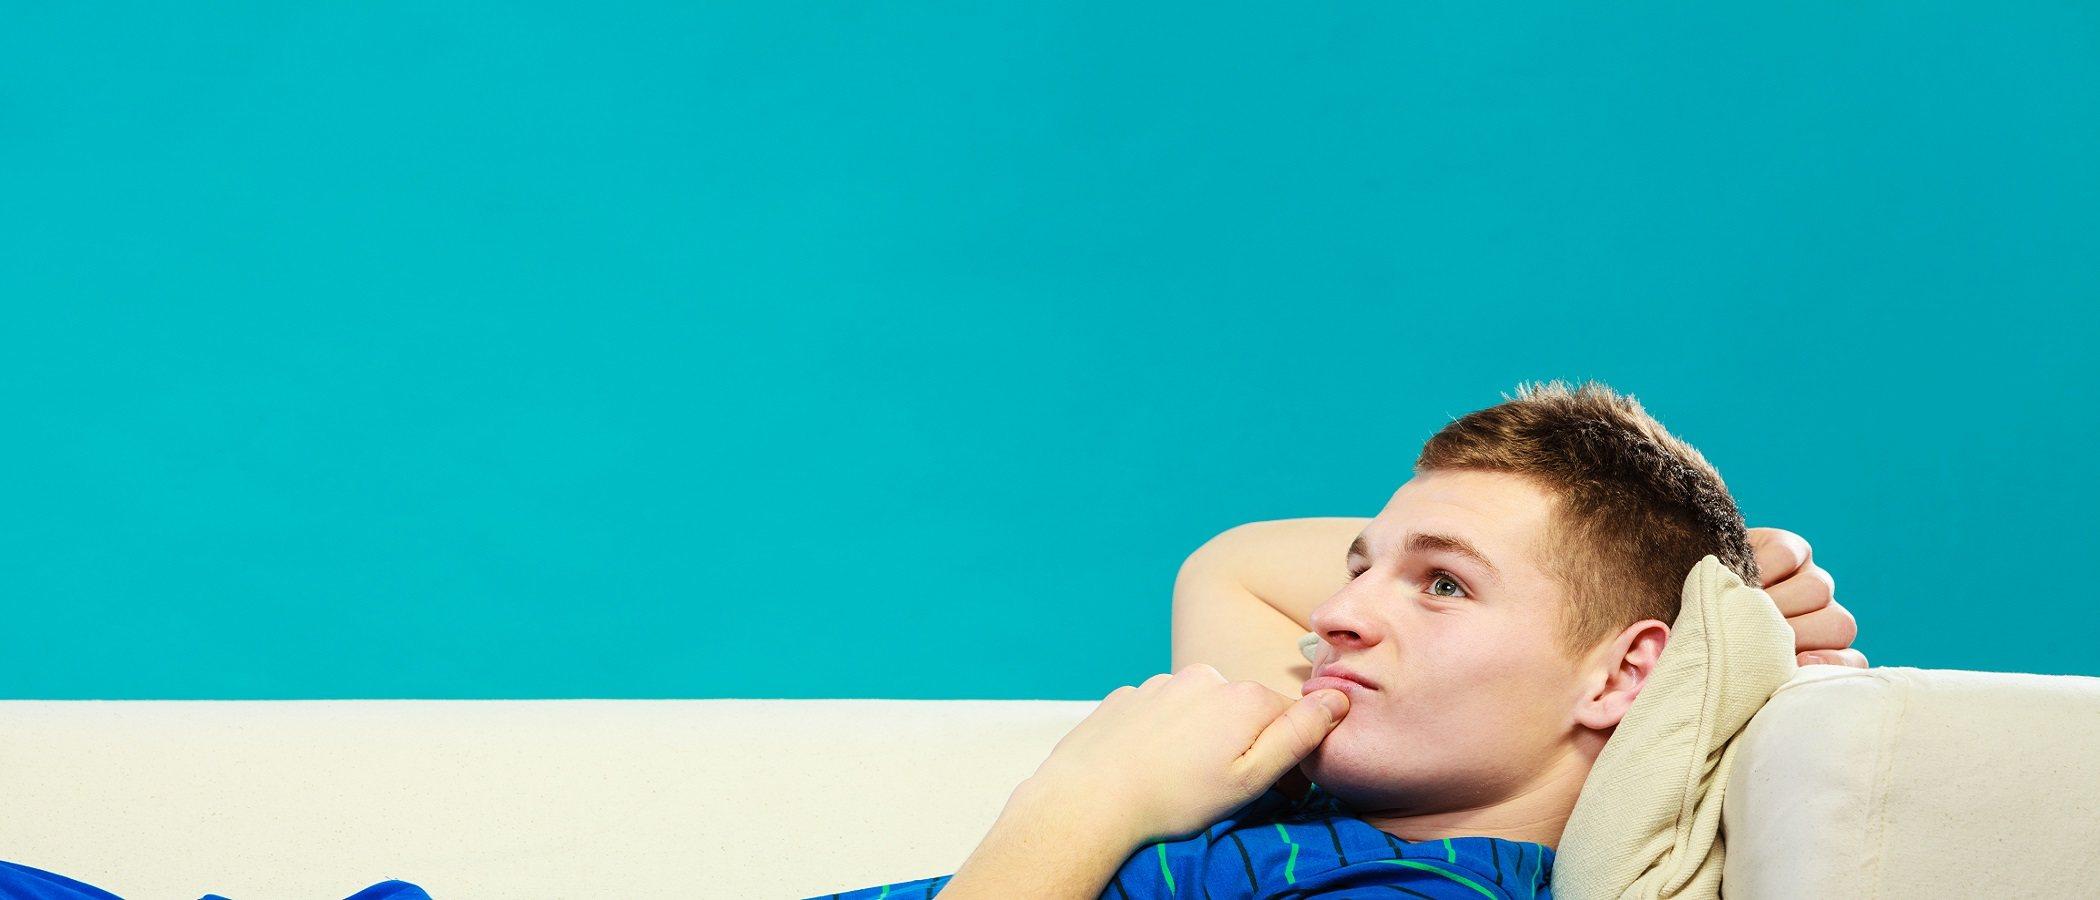 Adolescencia y estereotipos; ¿cómo les afecta?